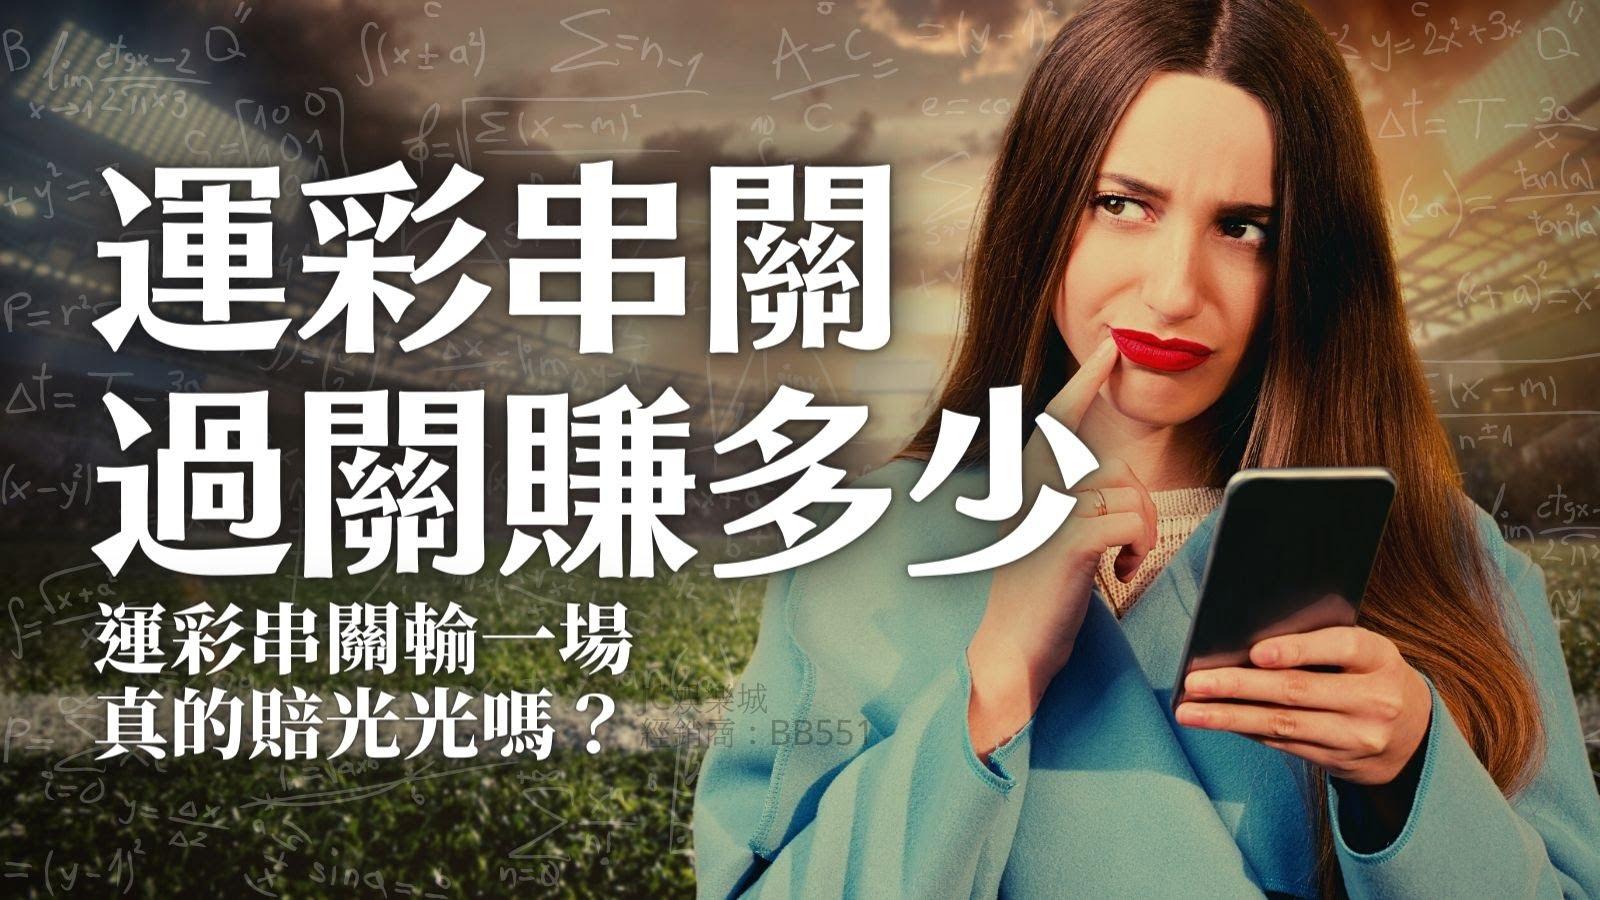 【台灣運彩串關計算教學】運彩串關過關賺多少? 運彩串關輸一場真的賠光光嗎?